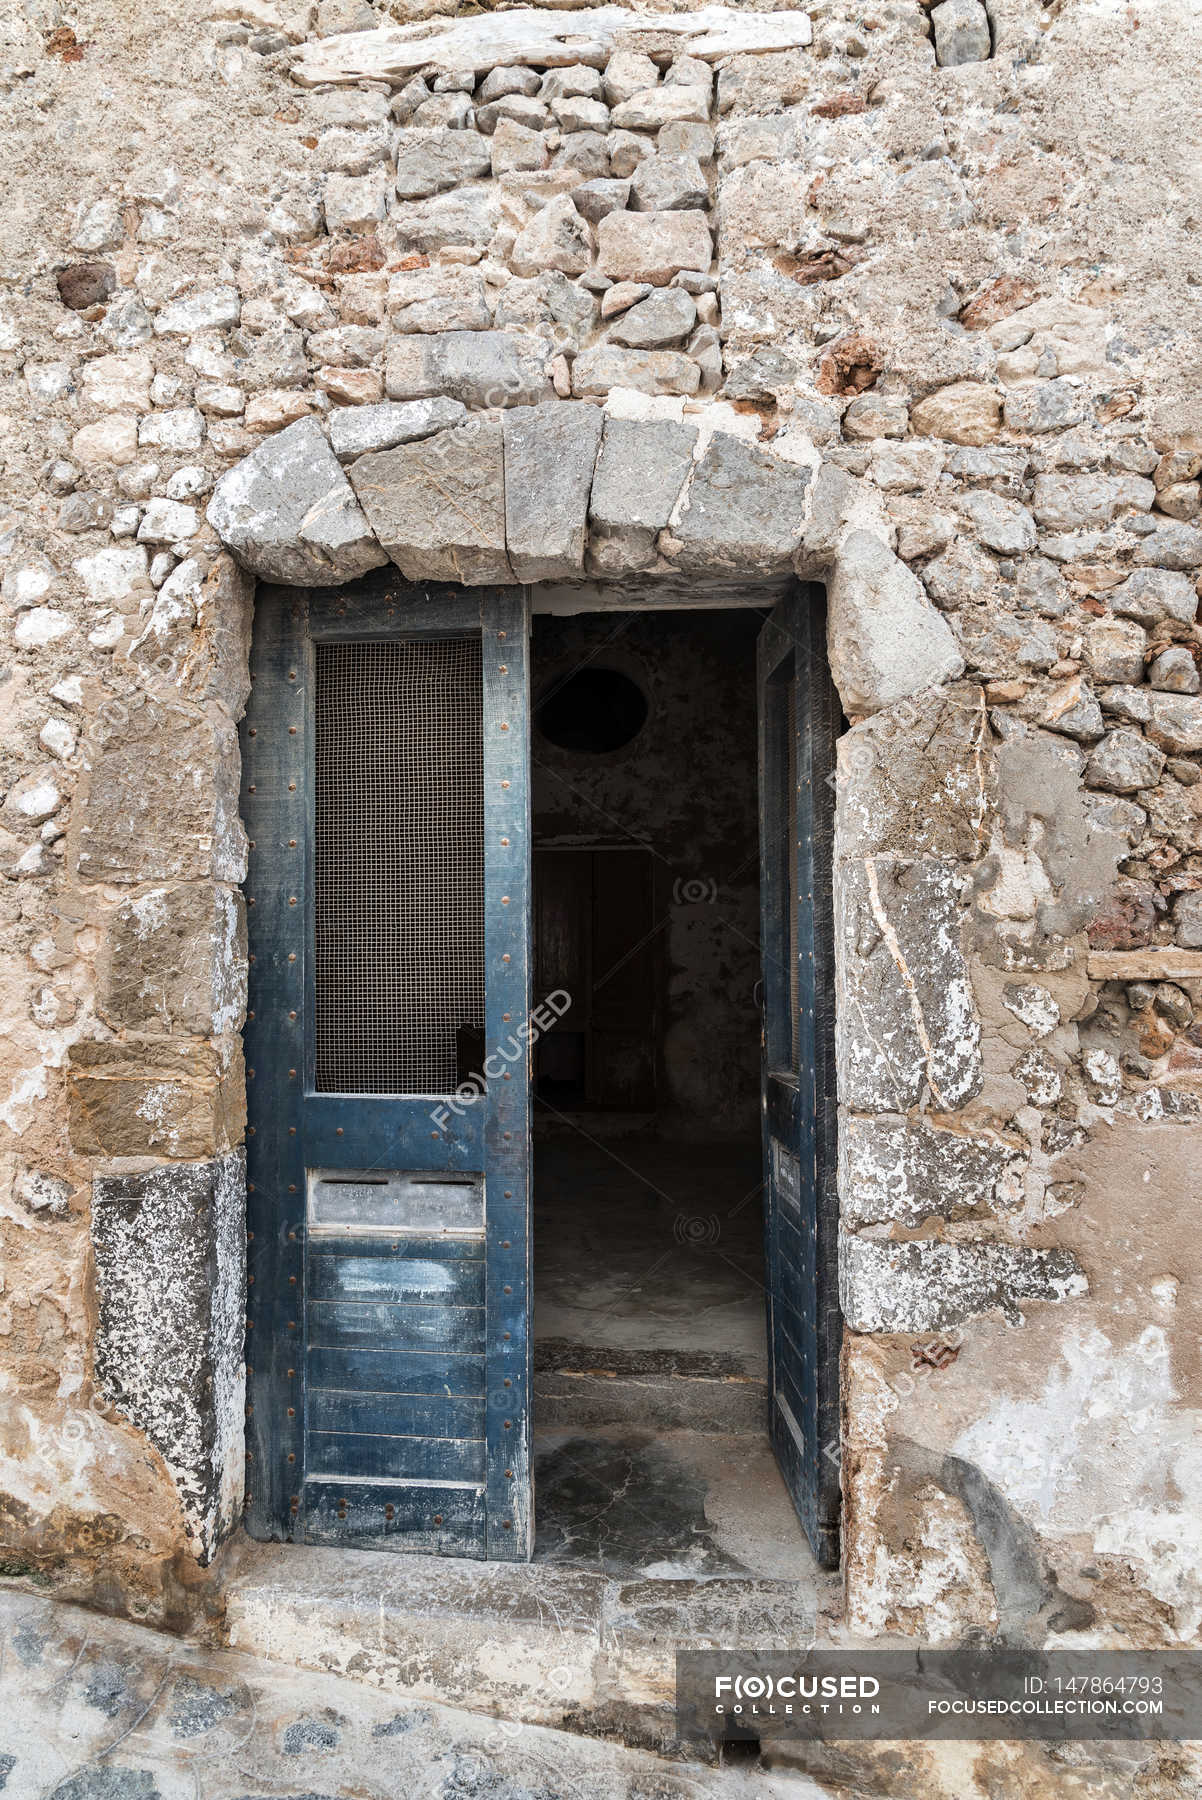 & Old workshop door \u2014 Stock Photo | #147864793